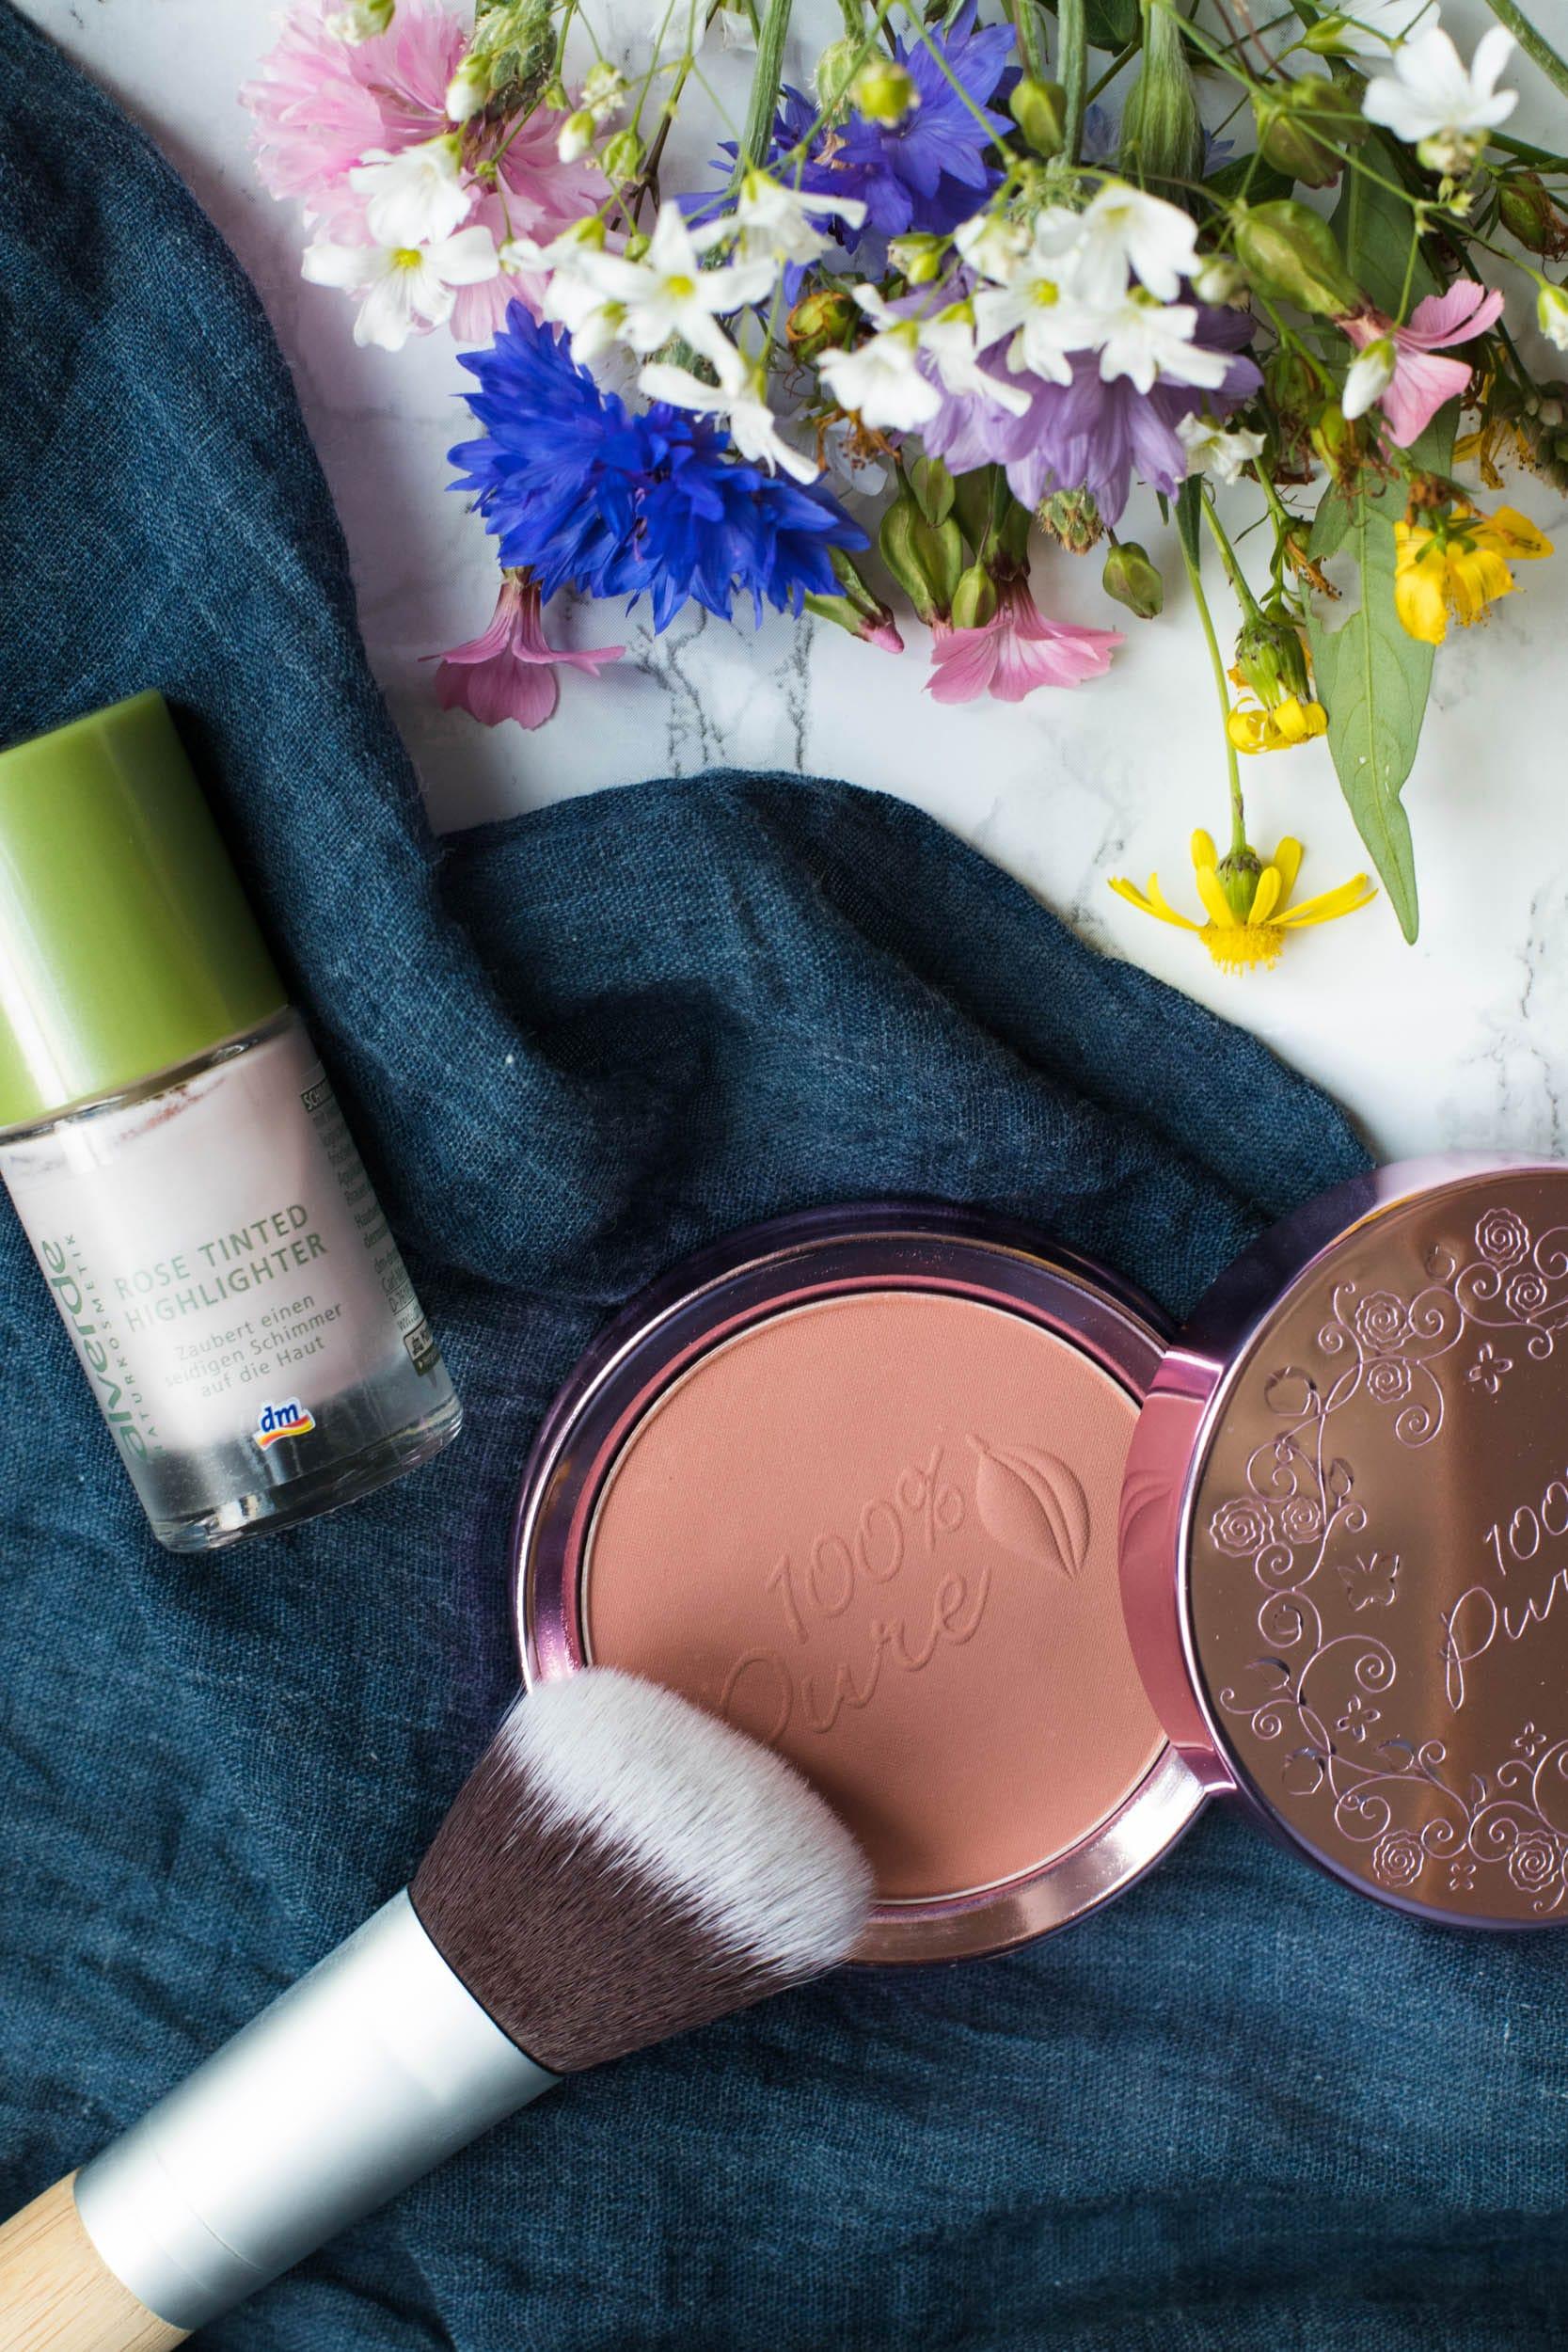 Naturkosmetik | Rose Tinted Highlighter von Alverde | Powder Blush Pretty Naked von 100% Pure | ivy.li